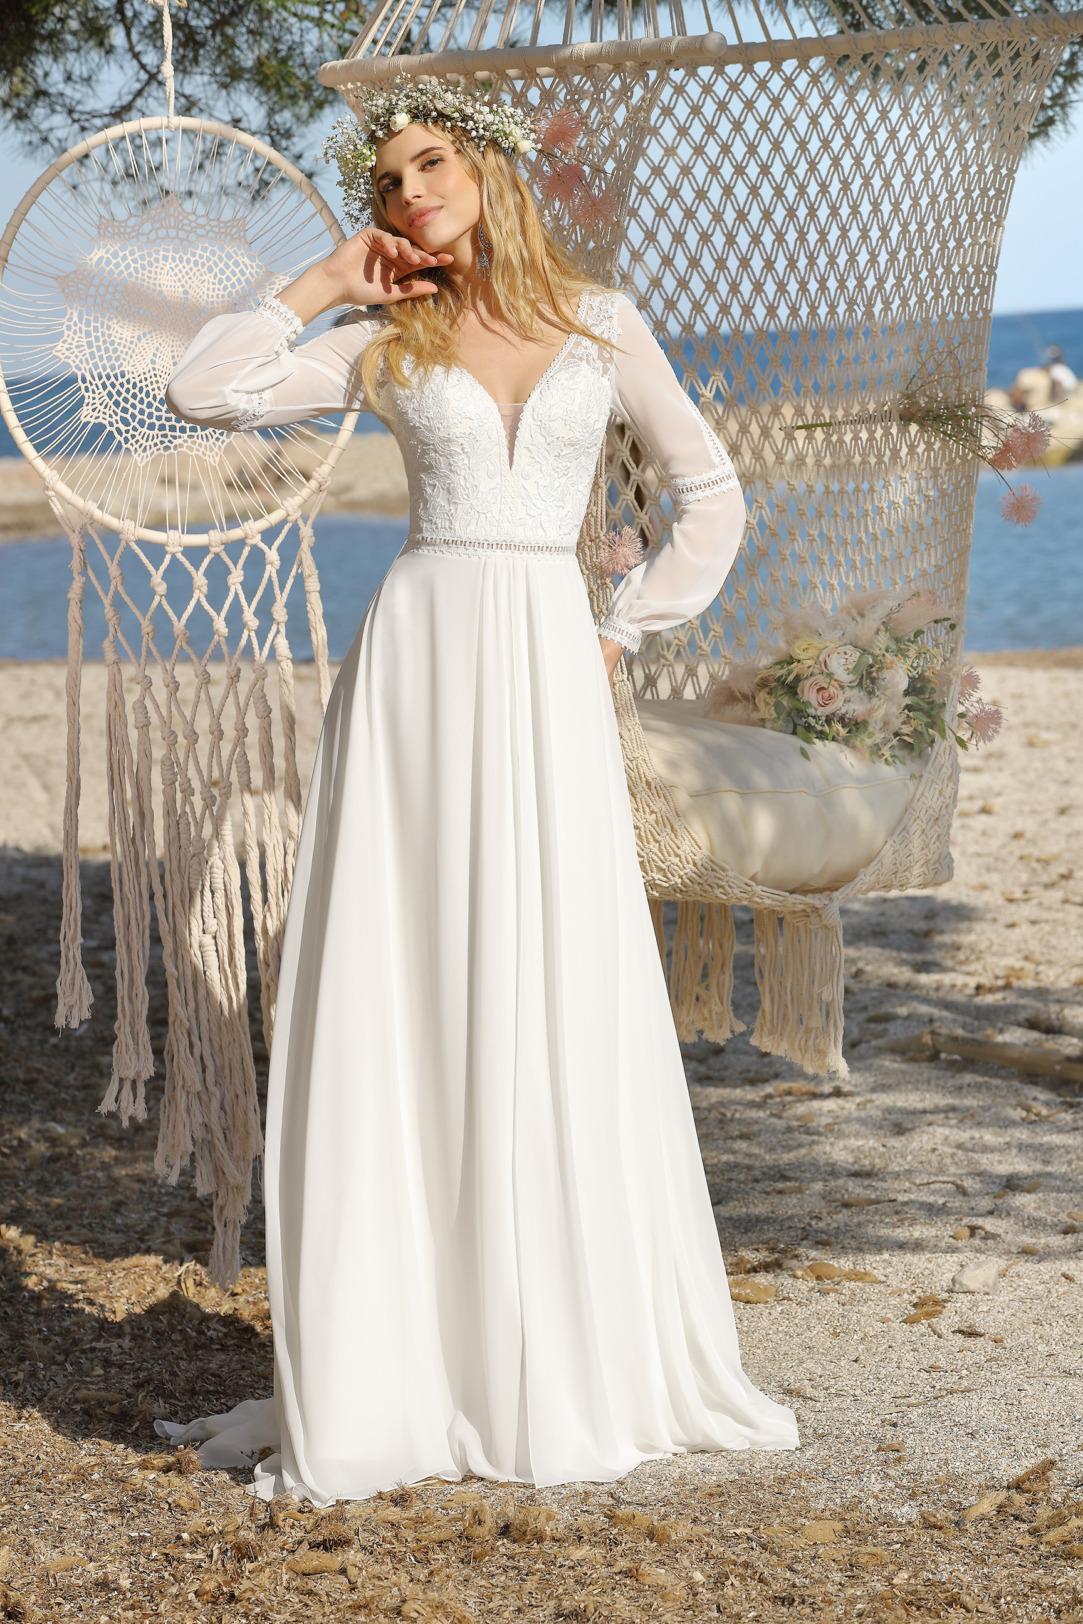 Brautkleid Hochzeitskleid im Vintage Boho Stil von Ladybird Modell 421012 mit langen Ärmeln und dezenter Spitze und V Ausschnitt